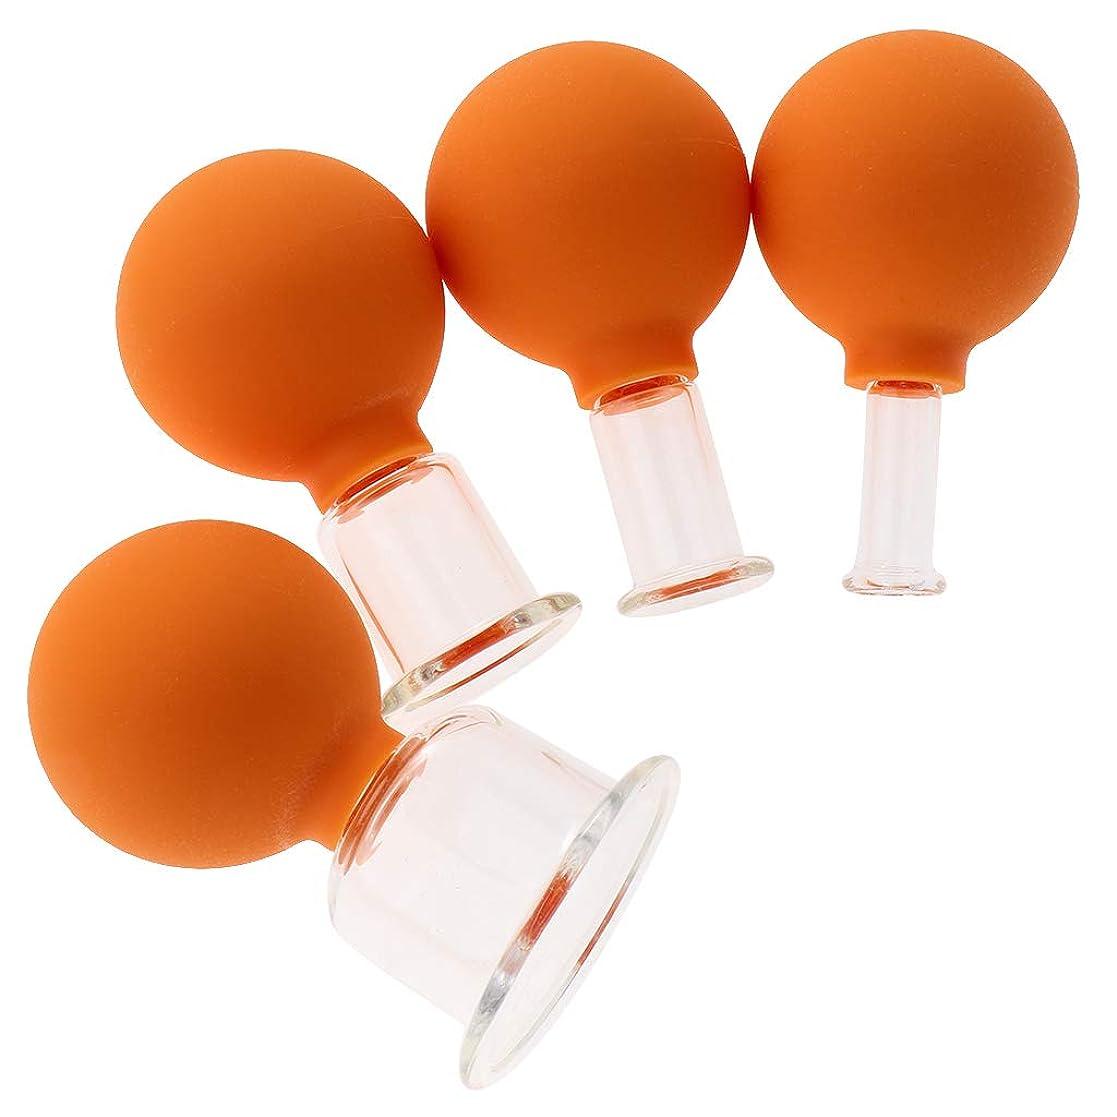 腐食する郊外治すボディヘッドネック用4バキュームマッサージカップアンチセルライトガラスカップのセット - オレンジ